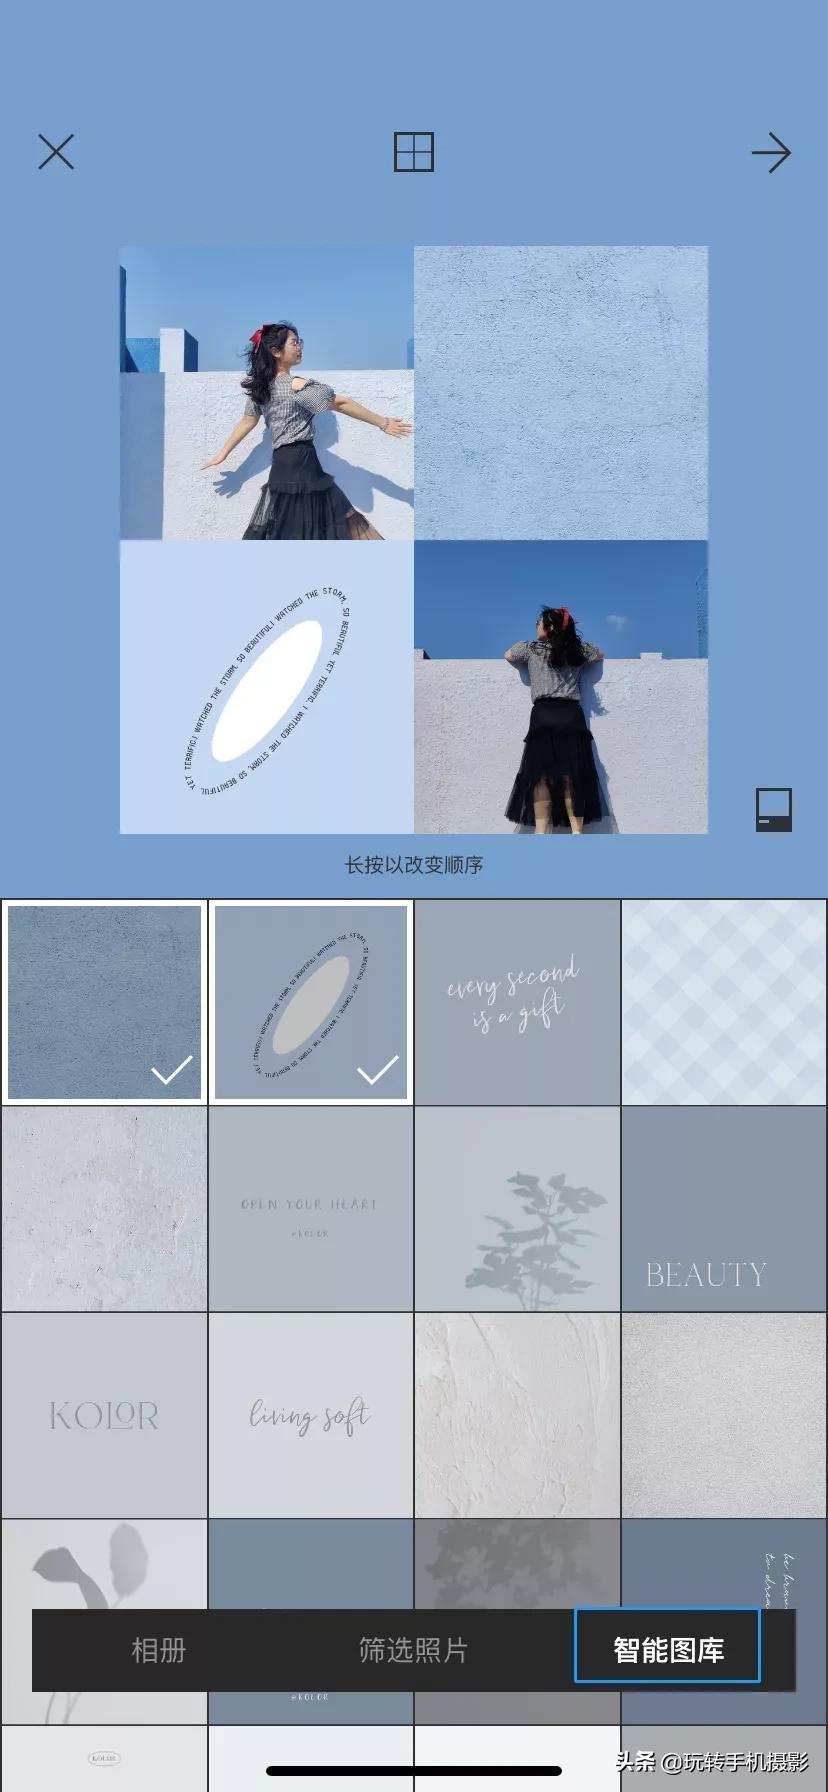 视频照片拼接软件哪个好(最实用的7个拼图软件)